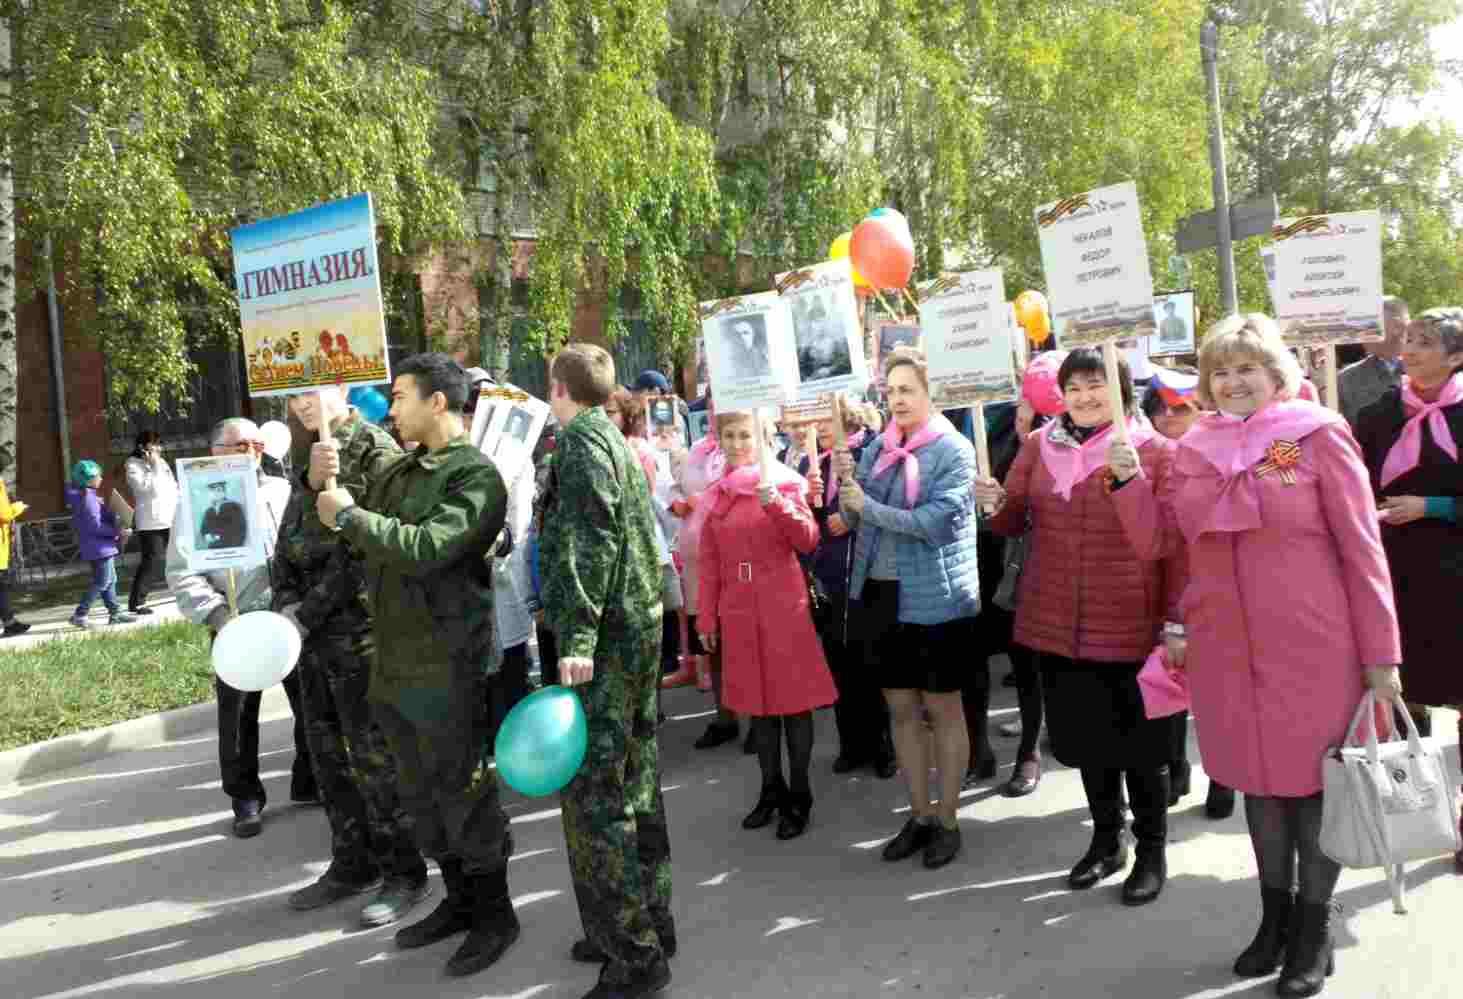 pedagog-iz-saratova-vystupil-protiv-dobrovolno-prinuditelnogo-uchastiya-shkol-v-bessmertnom-polku-i-demonstratsii-na-1-maya